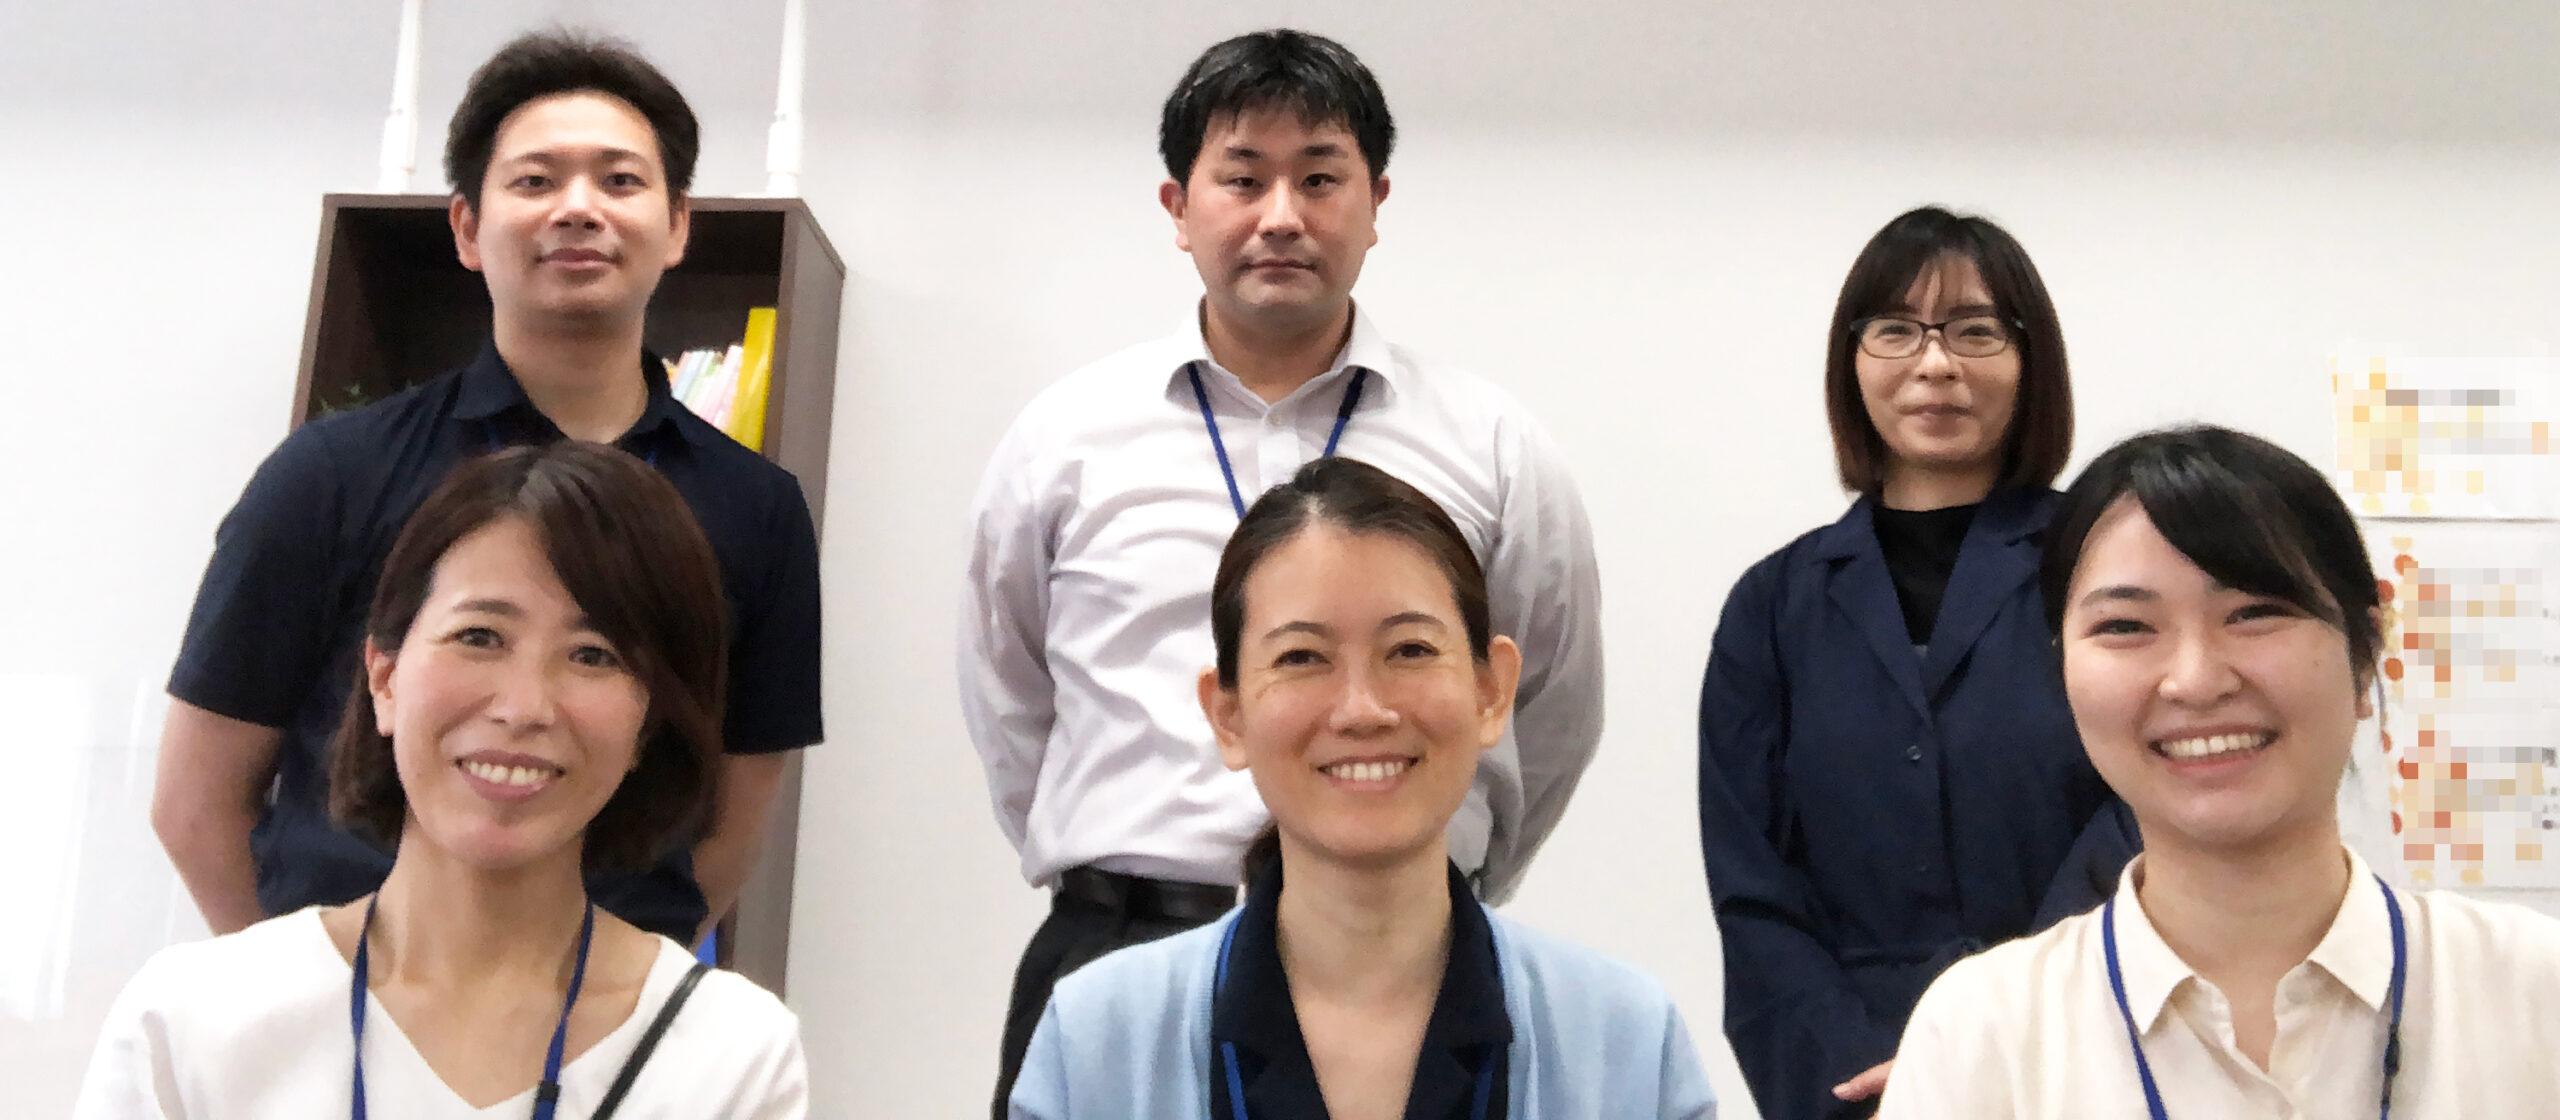 就労移行支援事業所Cocorport横浜Officeスタッフ